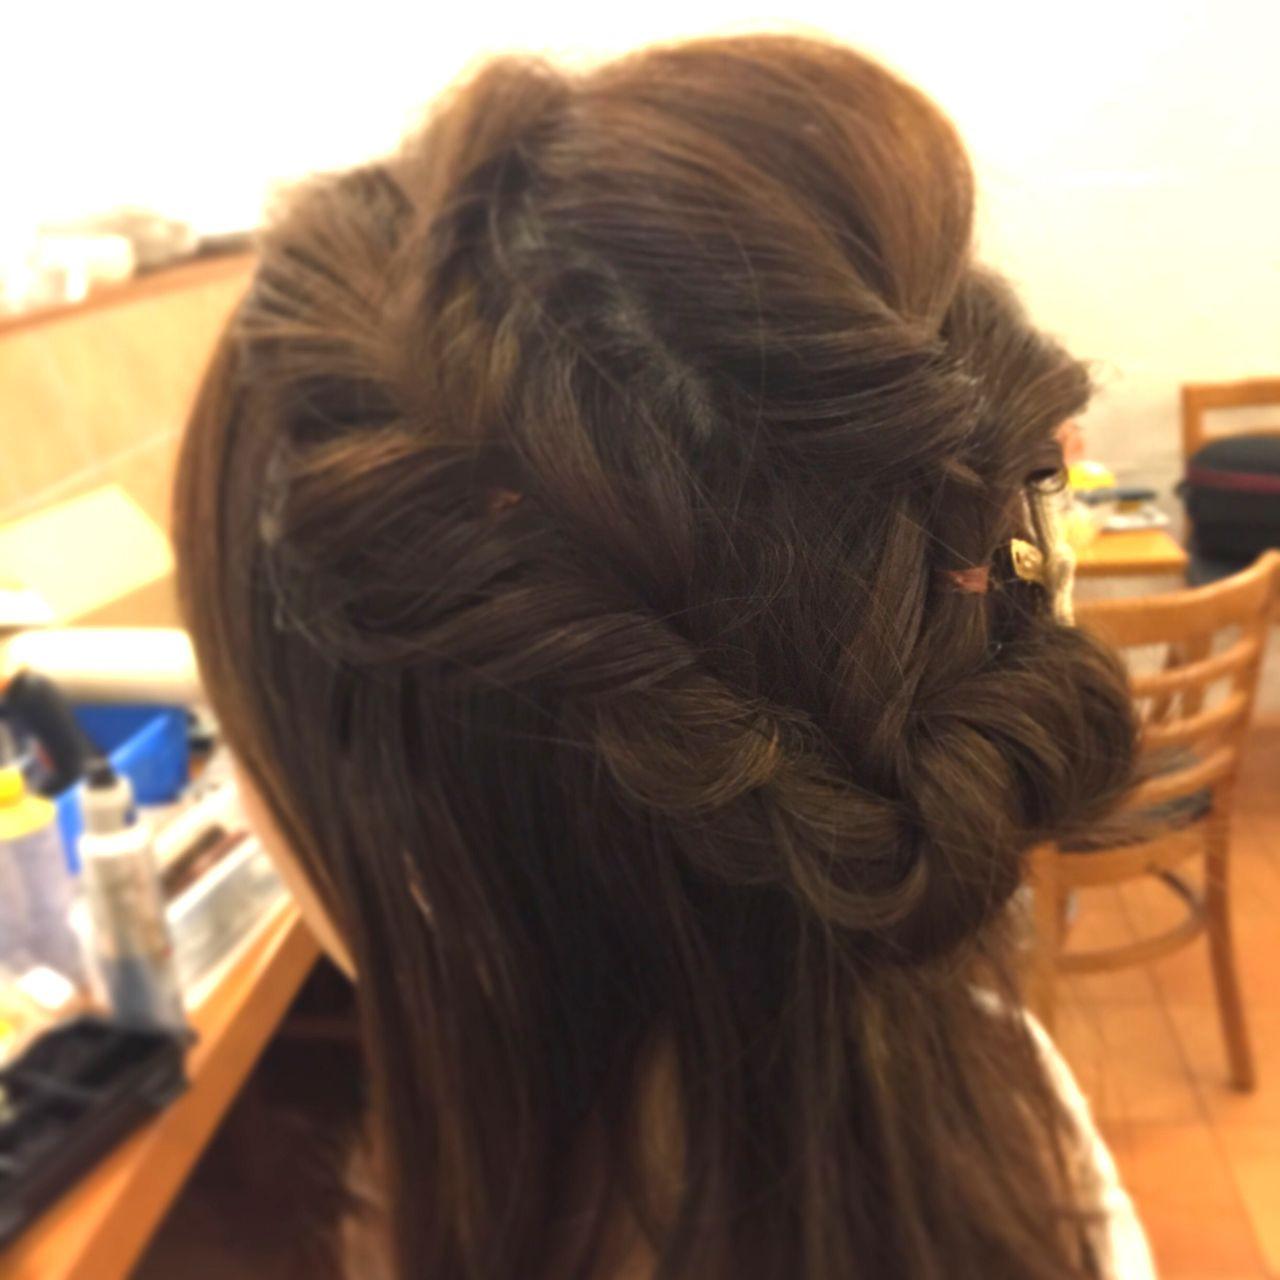 くるりんぱ ハーフアップ 編み込み ショート ヘアスタイルや髪型の写真・画像